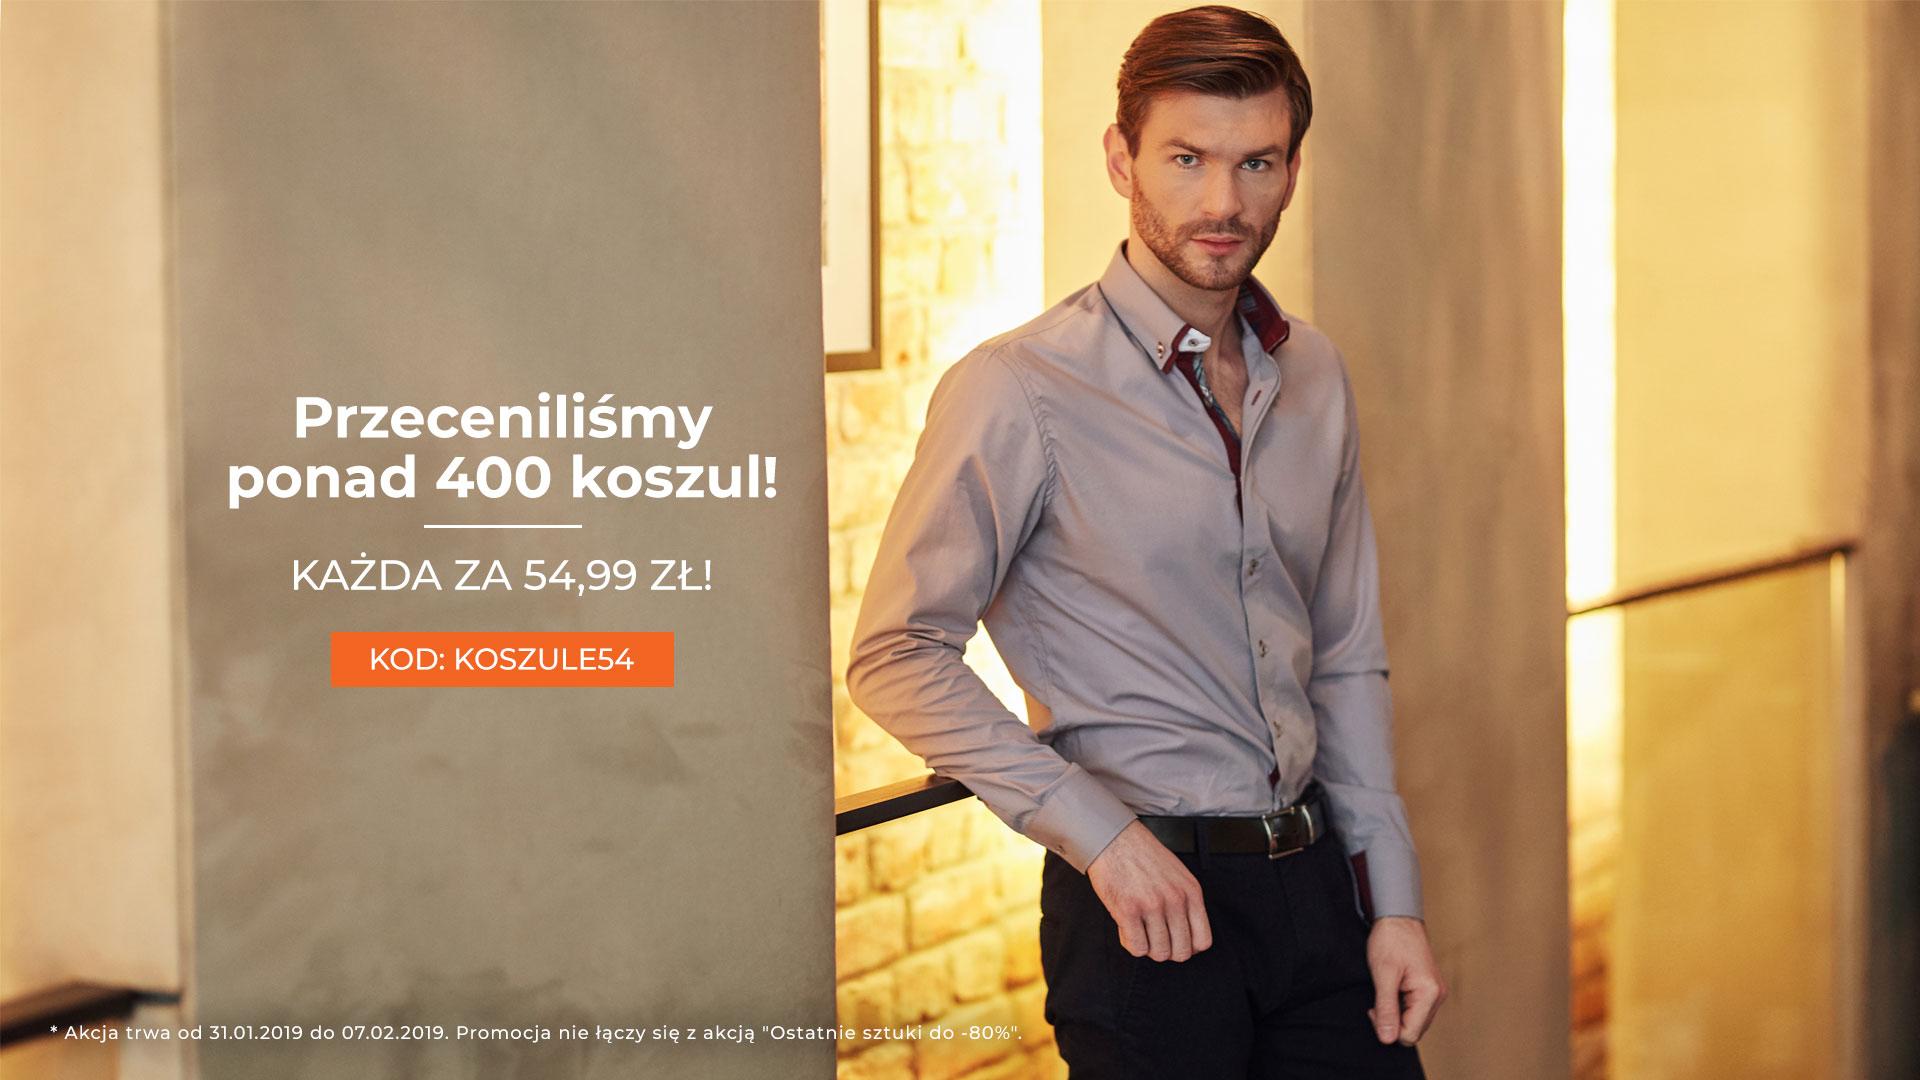 Denley: ponad 400 koszul za 54,99 zł                         title=